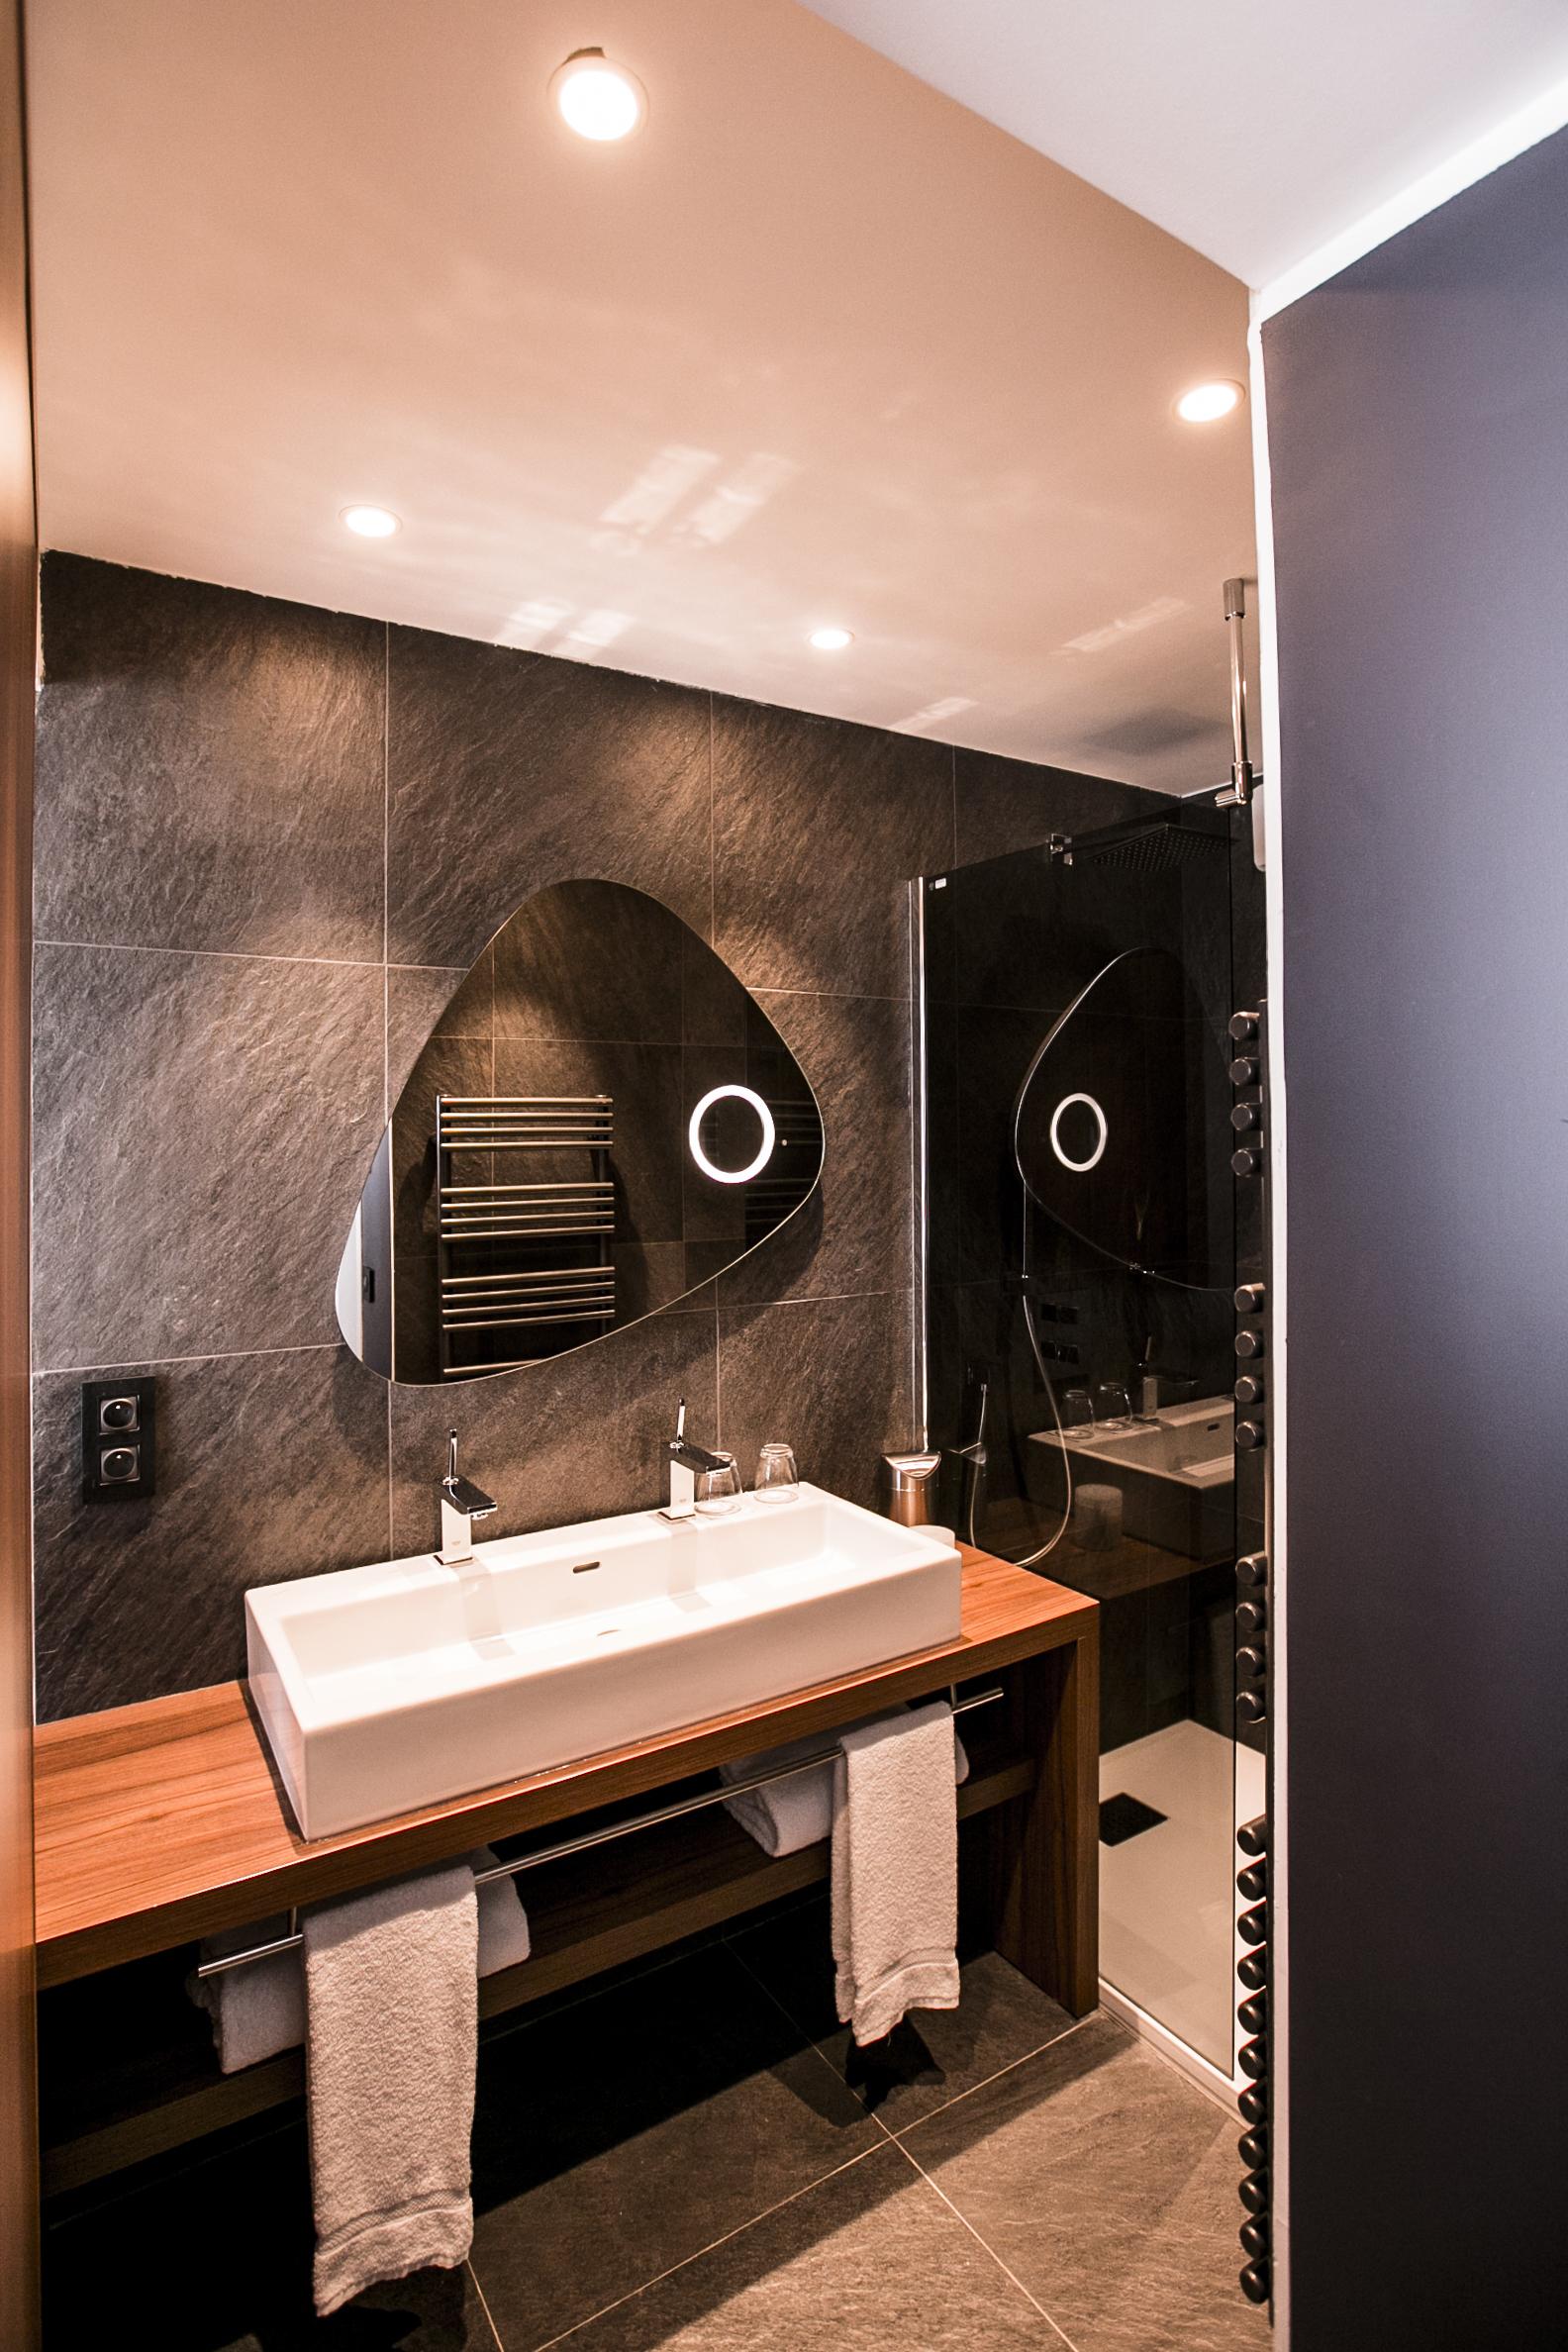 Salle de bain moderne et design avec douche, hotel plage méditerranée, Hôtel La Plage.